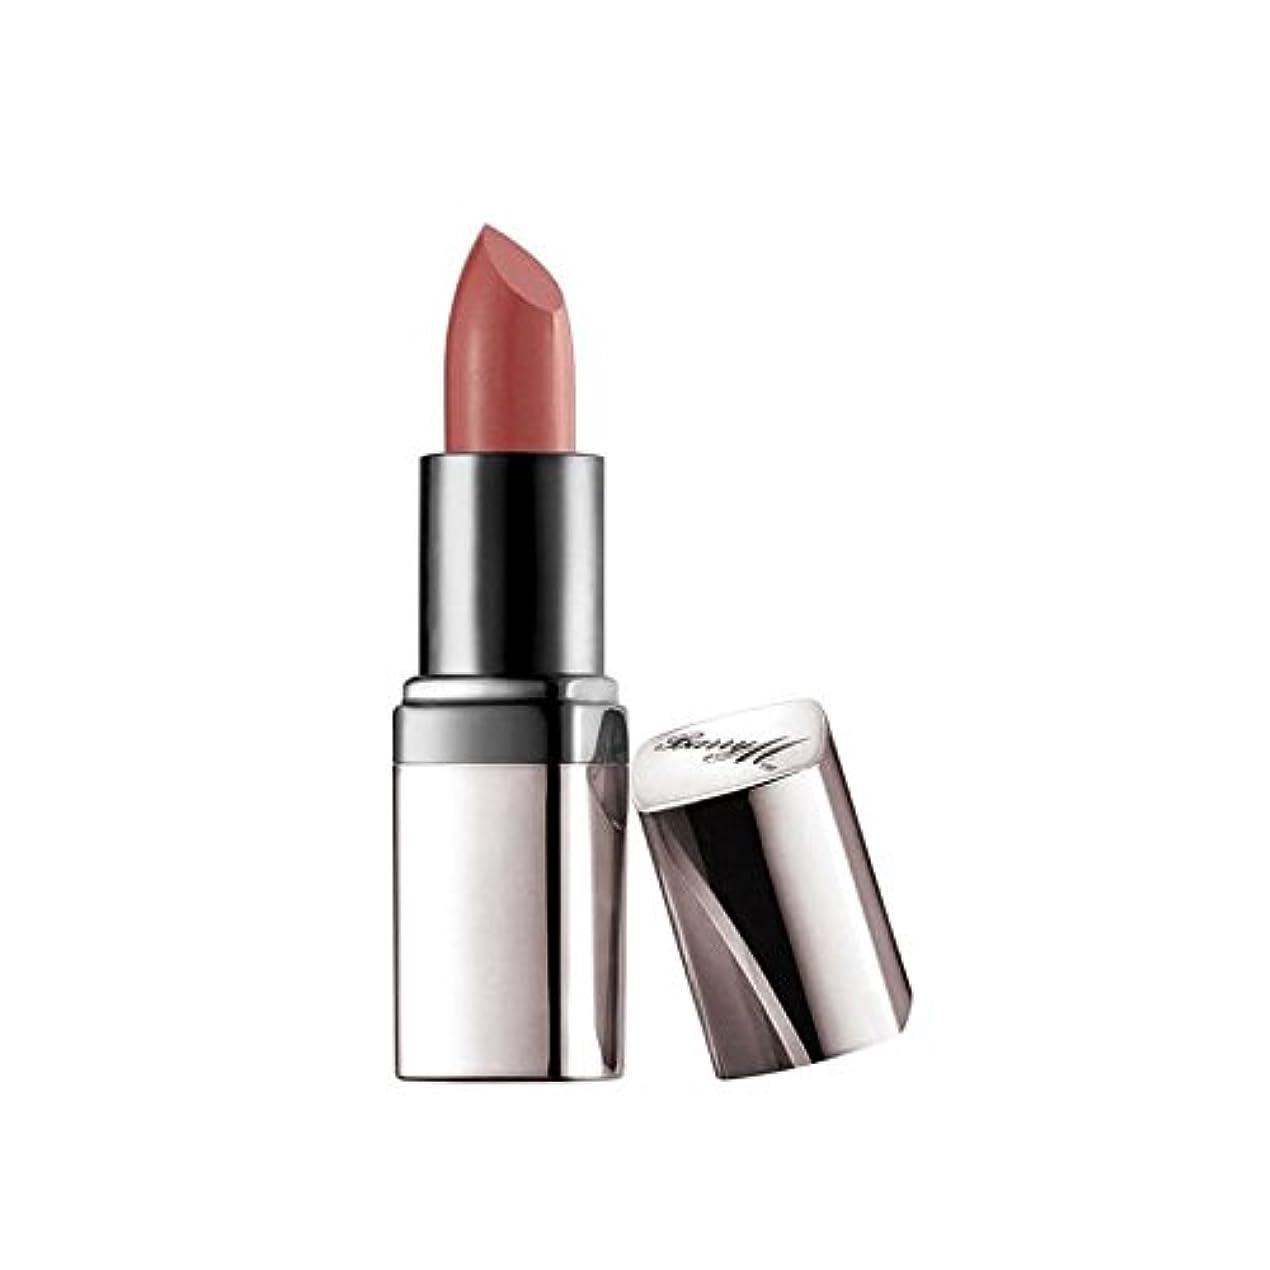 留め金キャベツ脆いバリーメートルサテン超滑らかなリップペイント - x2 - Barry M Satin Super Slick Lip Paint - Nuditude (Pack of 2) [並行輸入品]